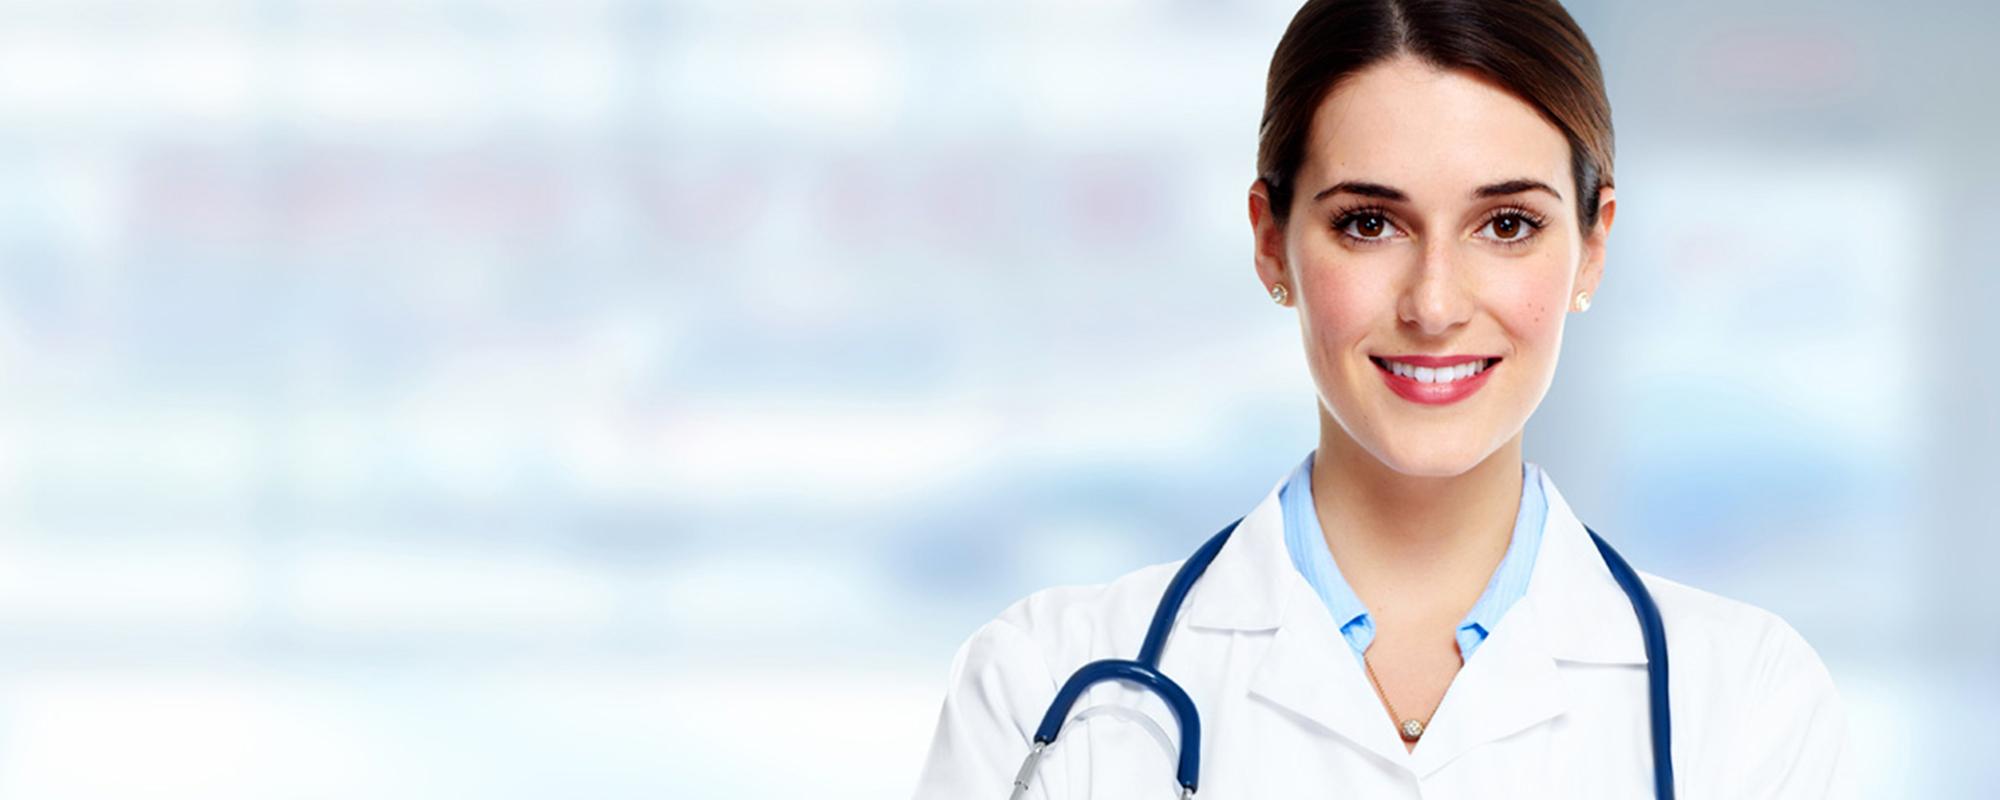 Բժշկական ծառայություններ, որոնց կարող եք վստահել